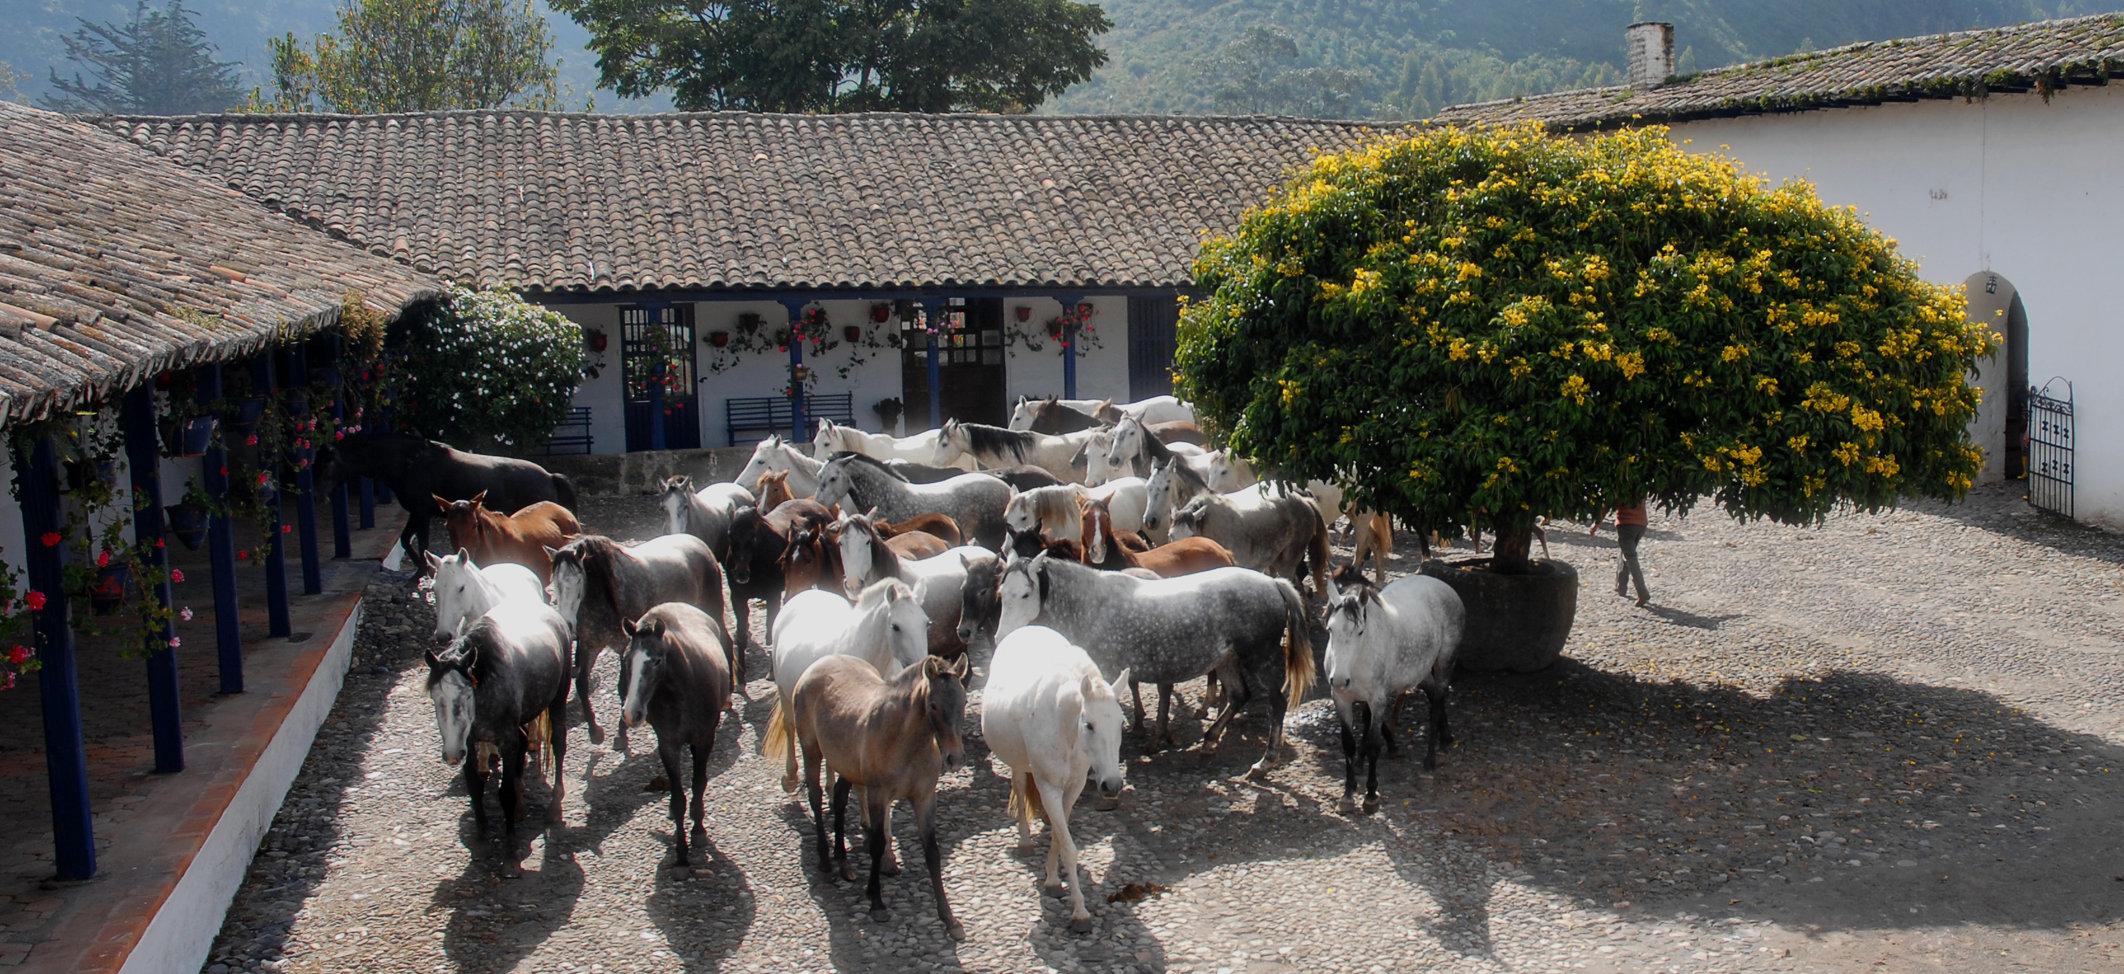 hacienda-zuleta-stables